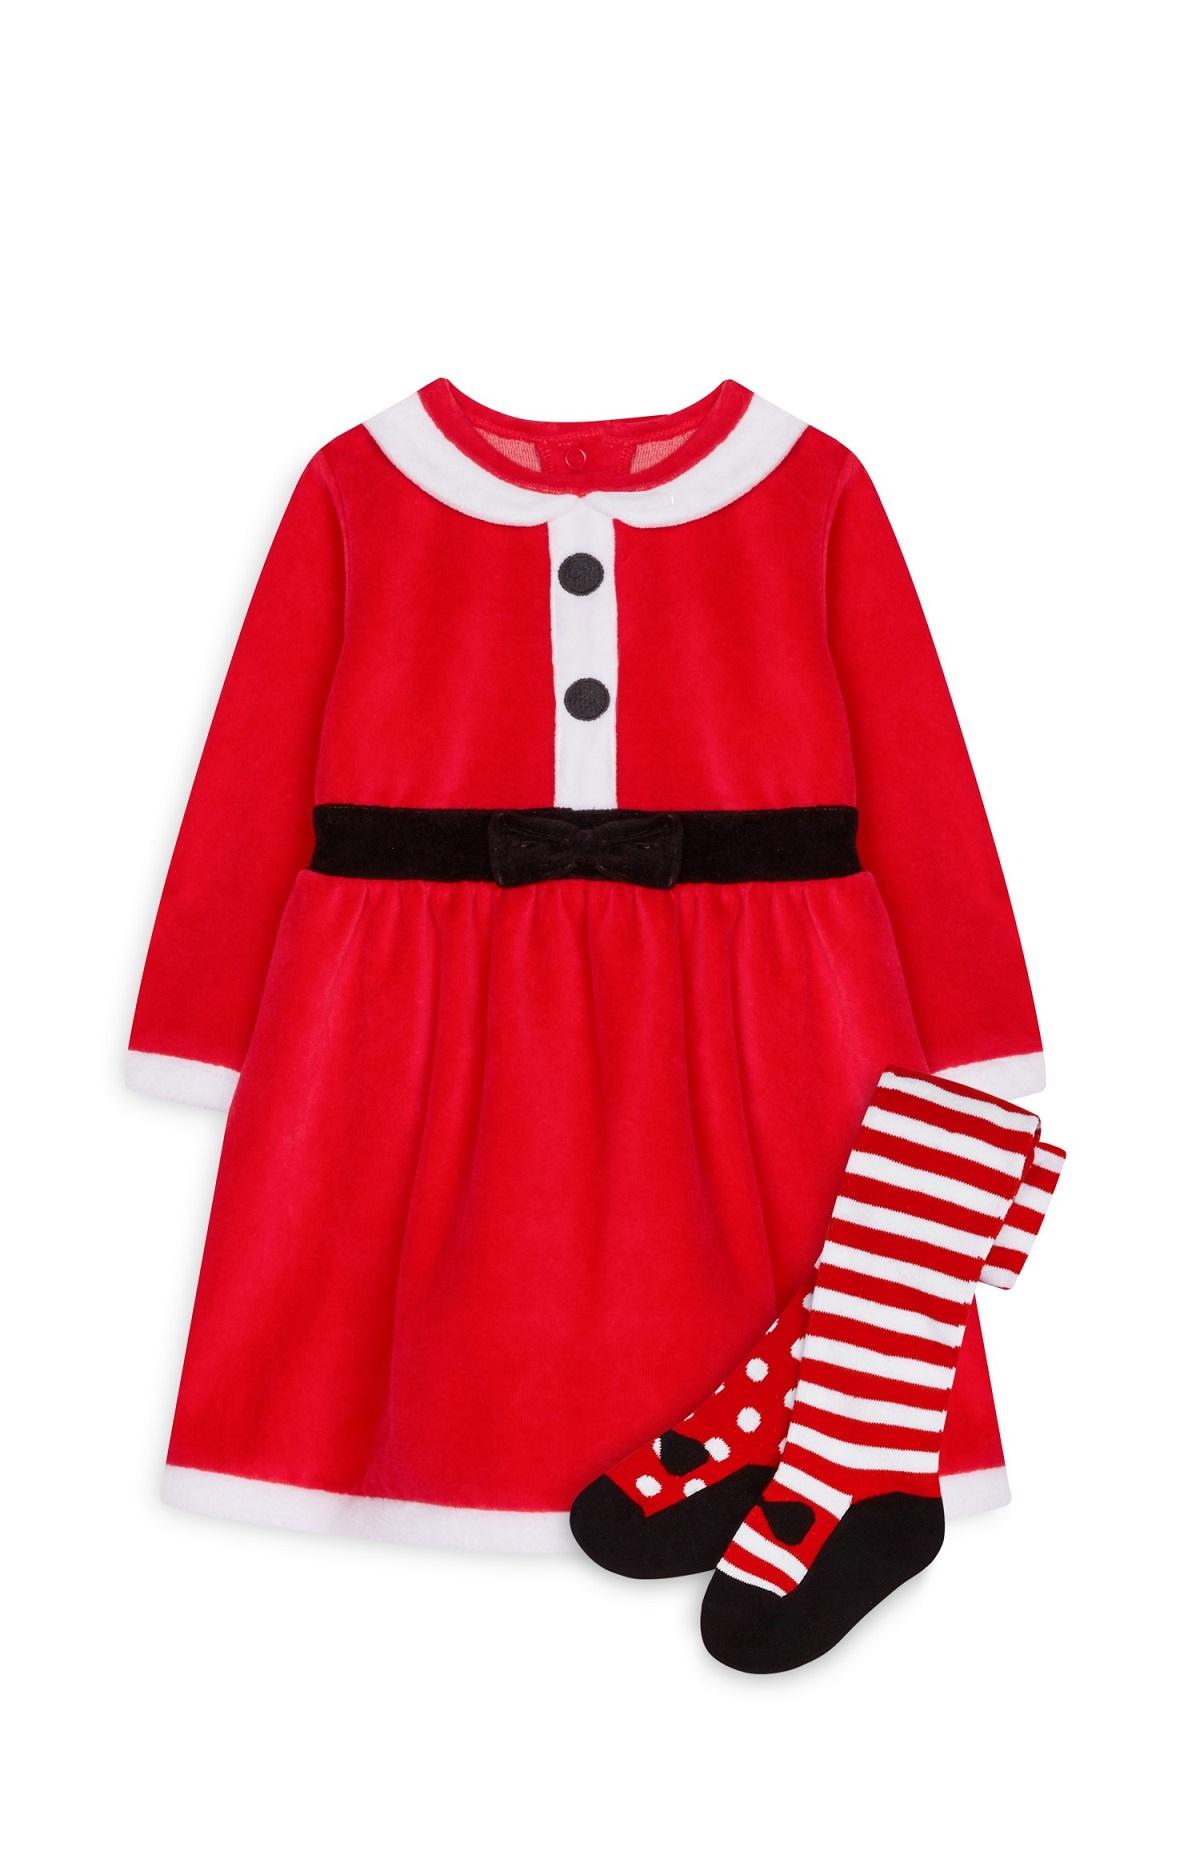 1a717105c9 En el caso de que en la cena familiar de Nochebuena o Navidad quieras  sorprender a tus seres queridos con el atuendo de tu hija